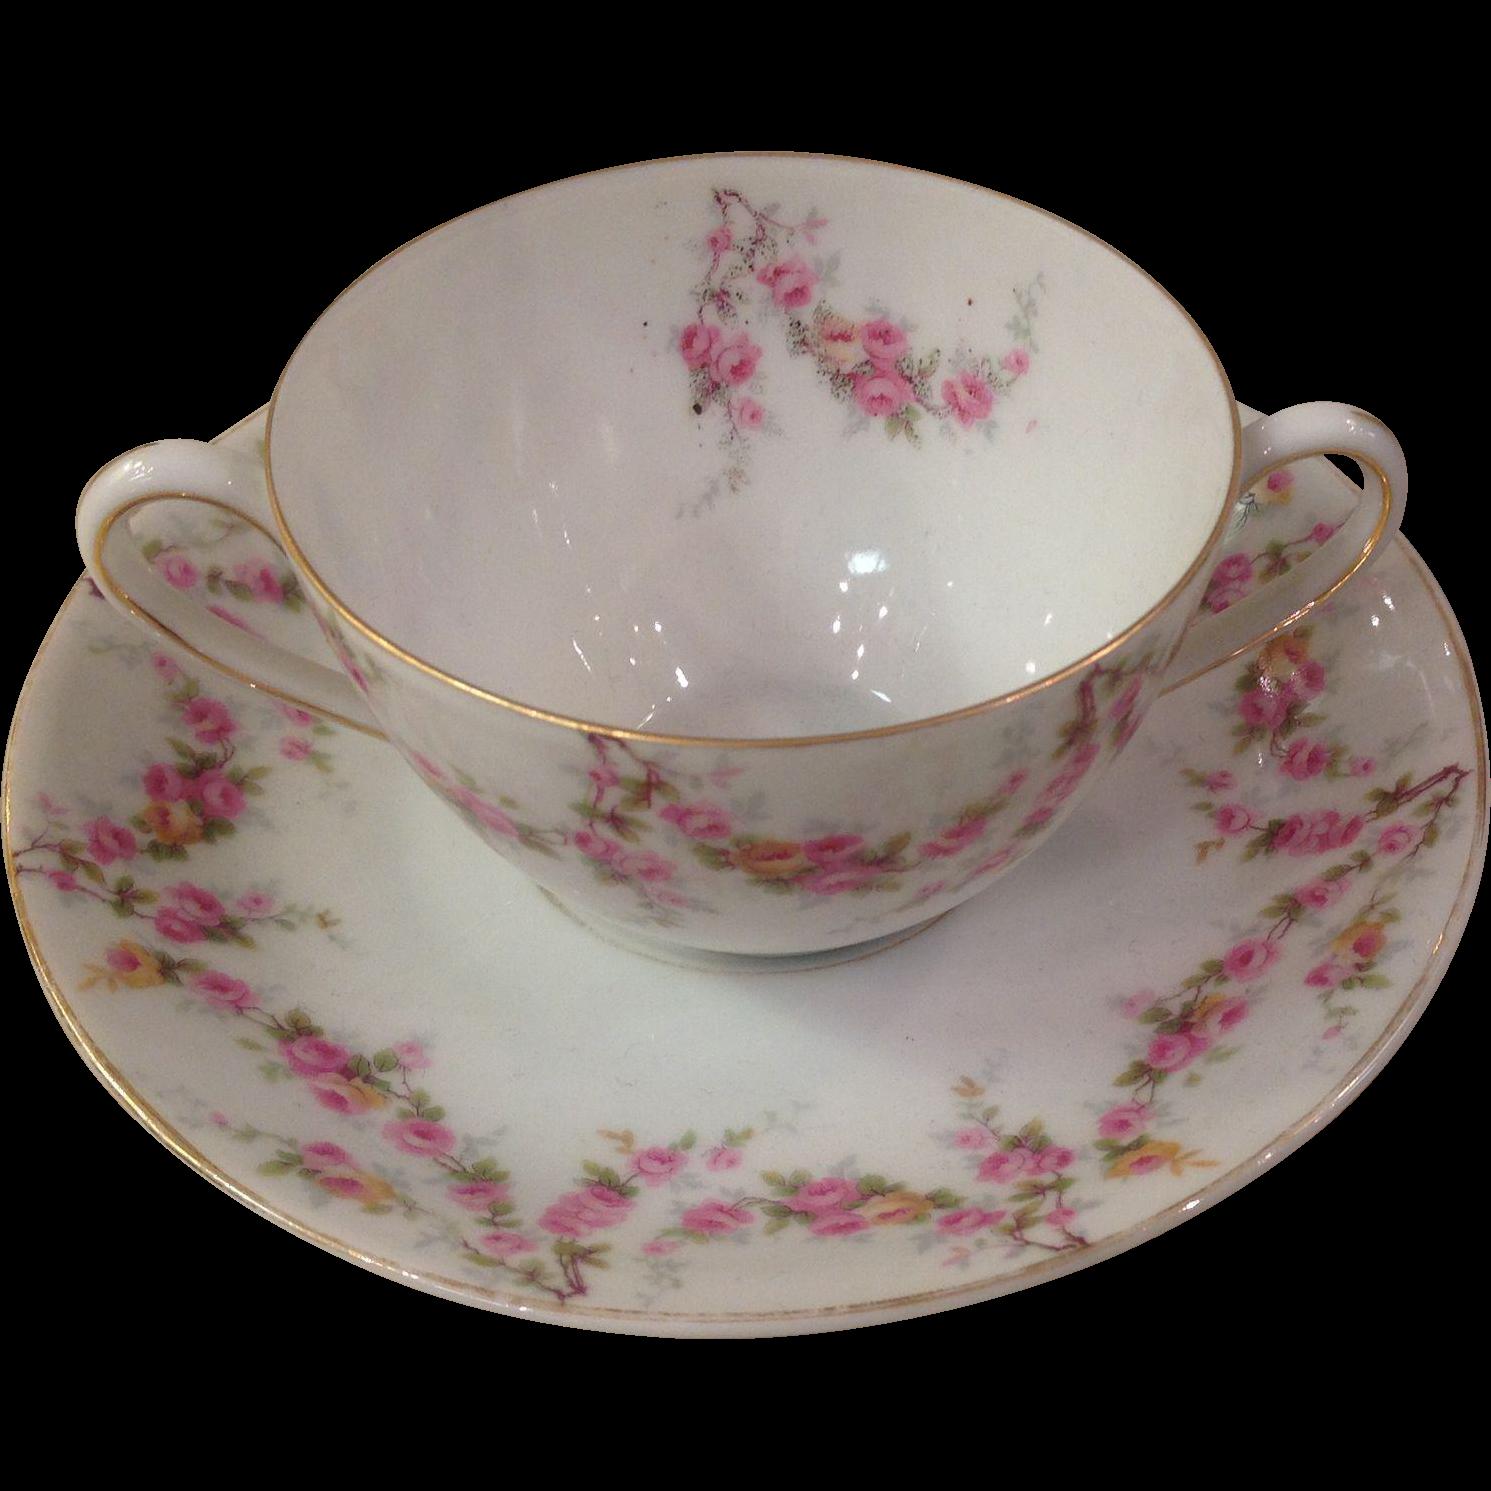 Royal Schwarzburg China RSC15 Cream Soup Set Pink Rose Garland Design c.1915